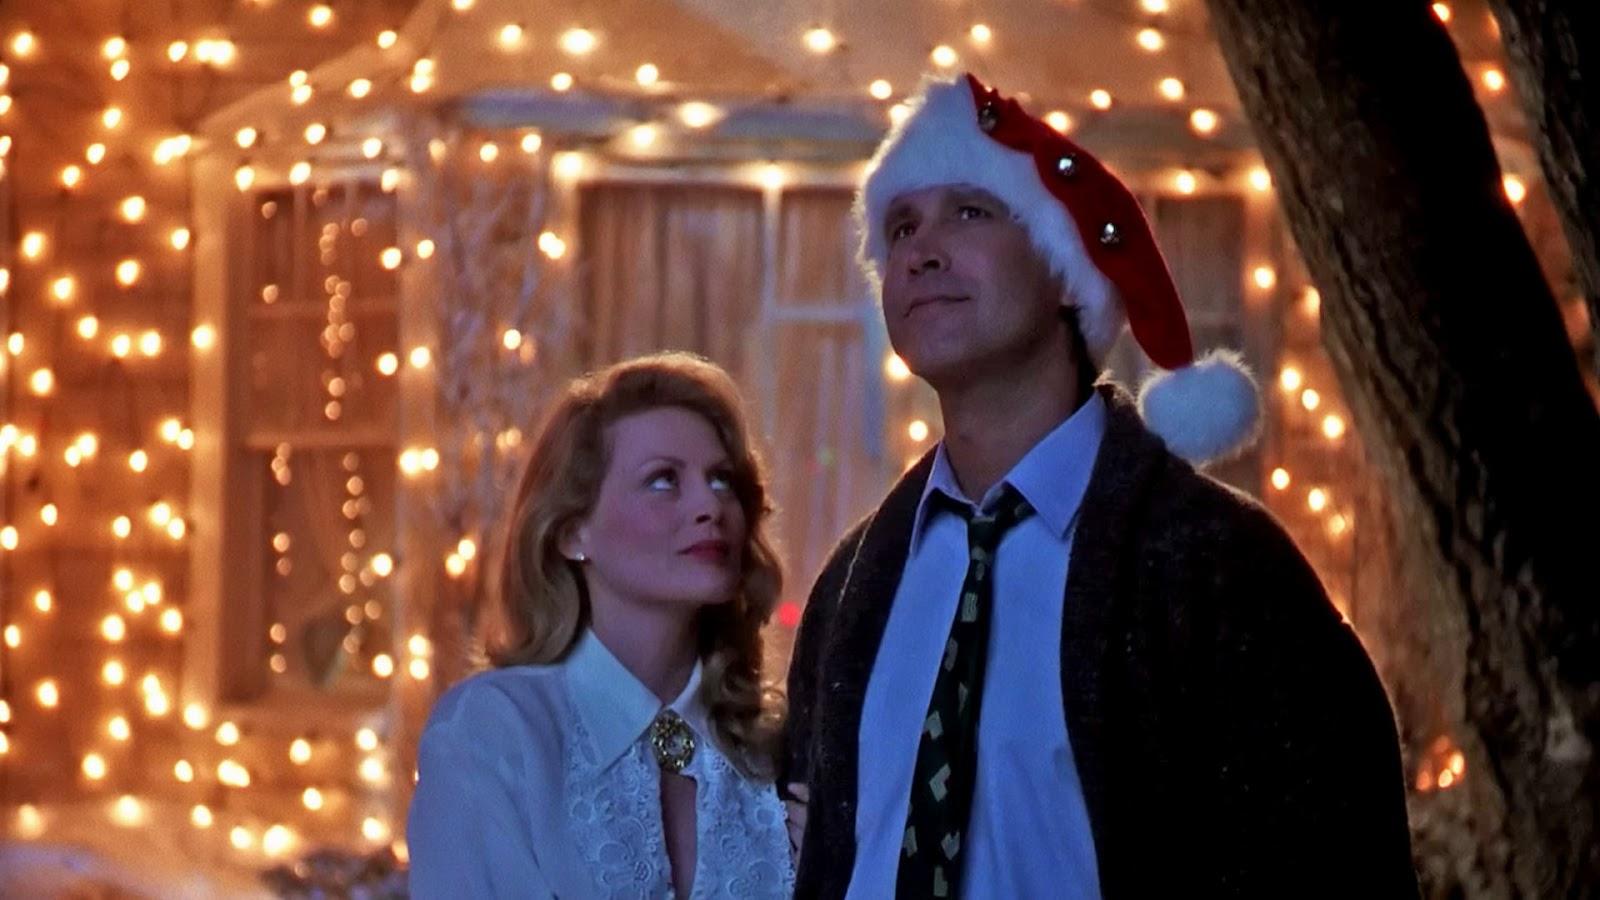 Duoscope: Schöne Bescherung (USA 1989) - Die Weihnachts-Kultkomödie ...